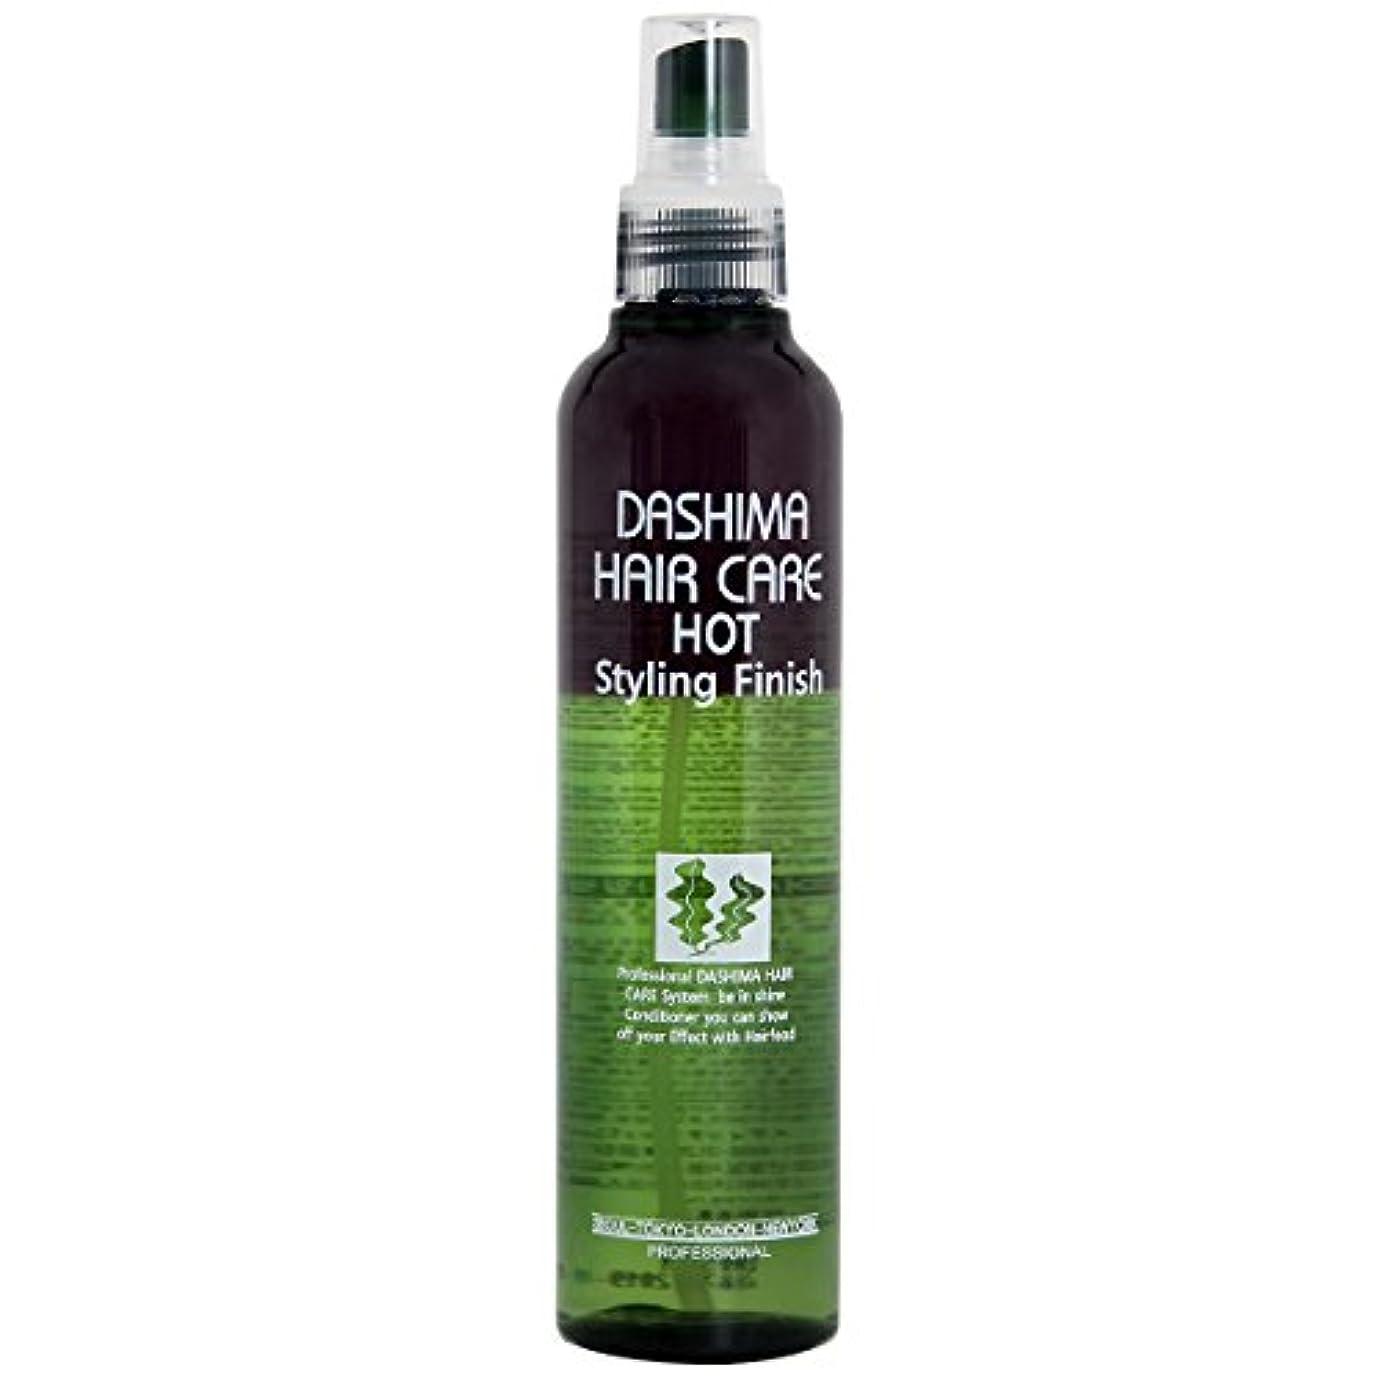 行う開拓者サッカーダシマヘアケアハッスタイルリングピニスィ250ml(DASHIMA HAIR CARE Hot Styling Finish 250ml)